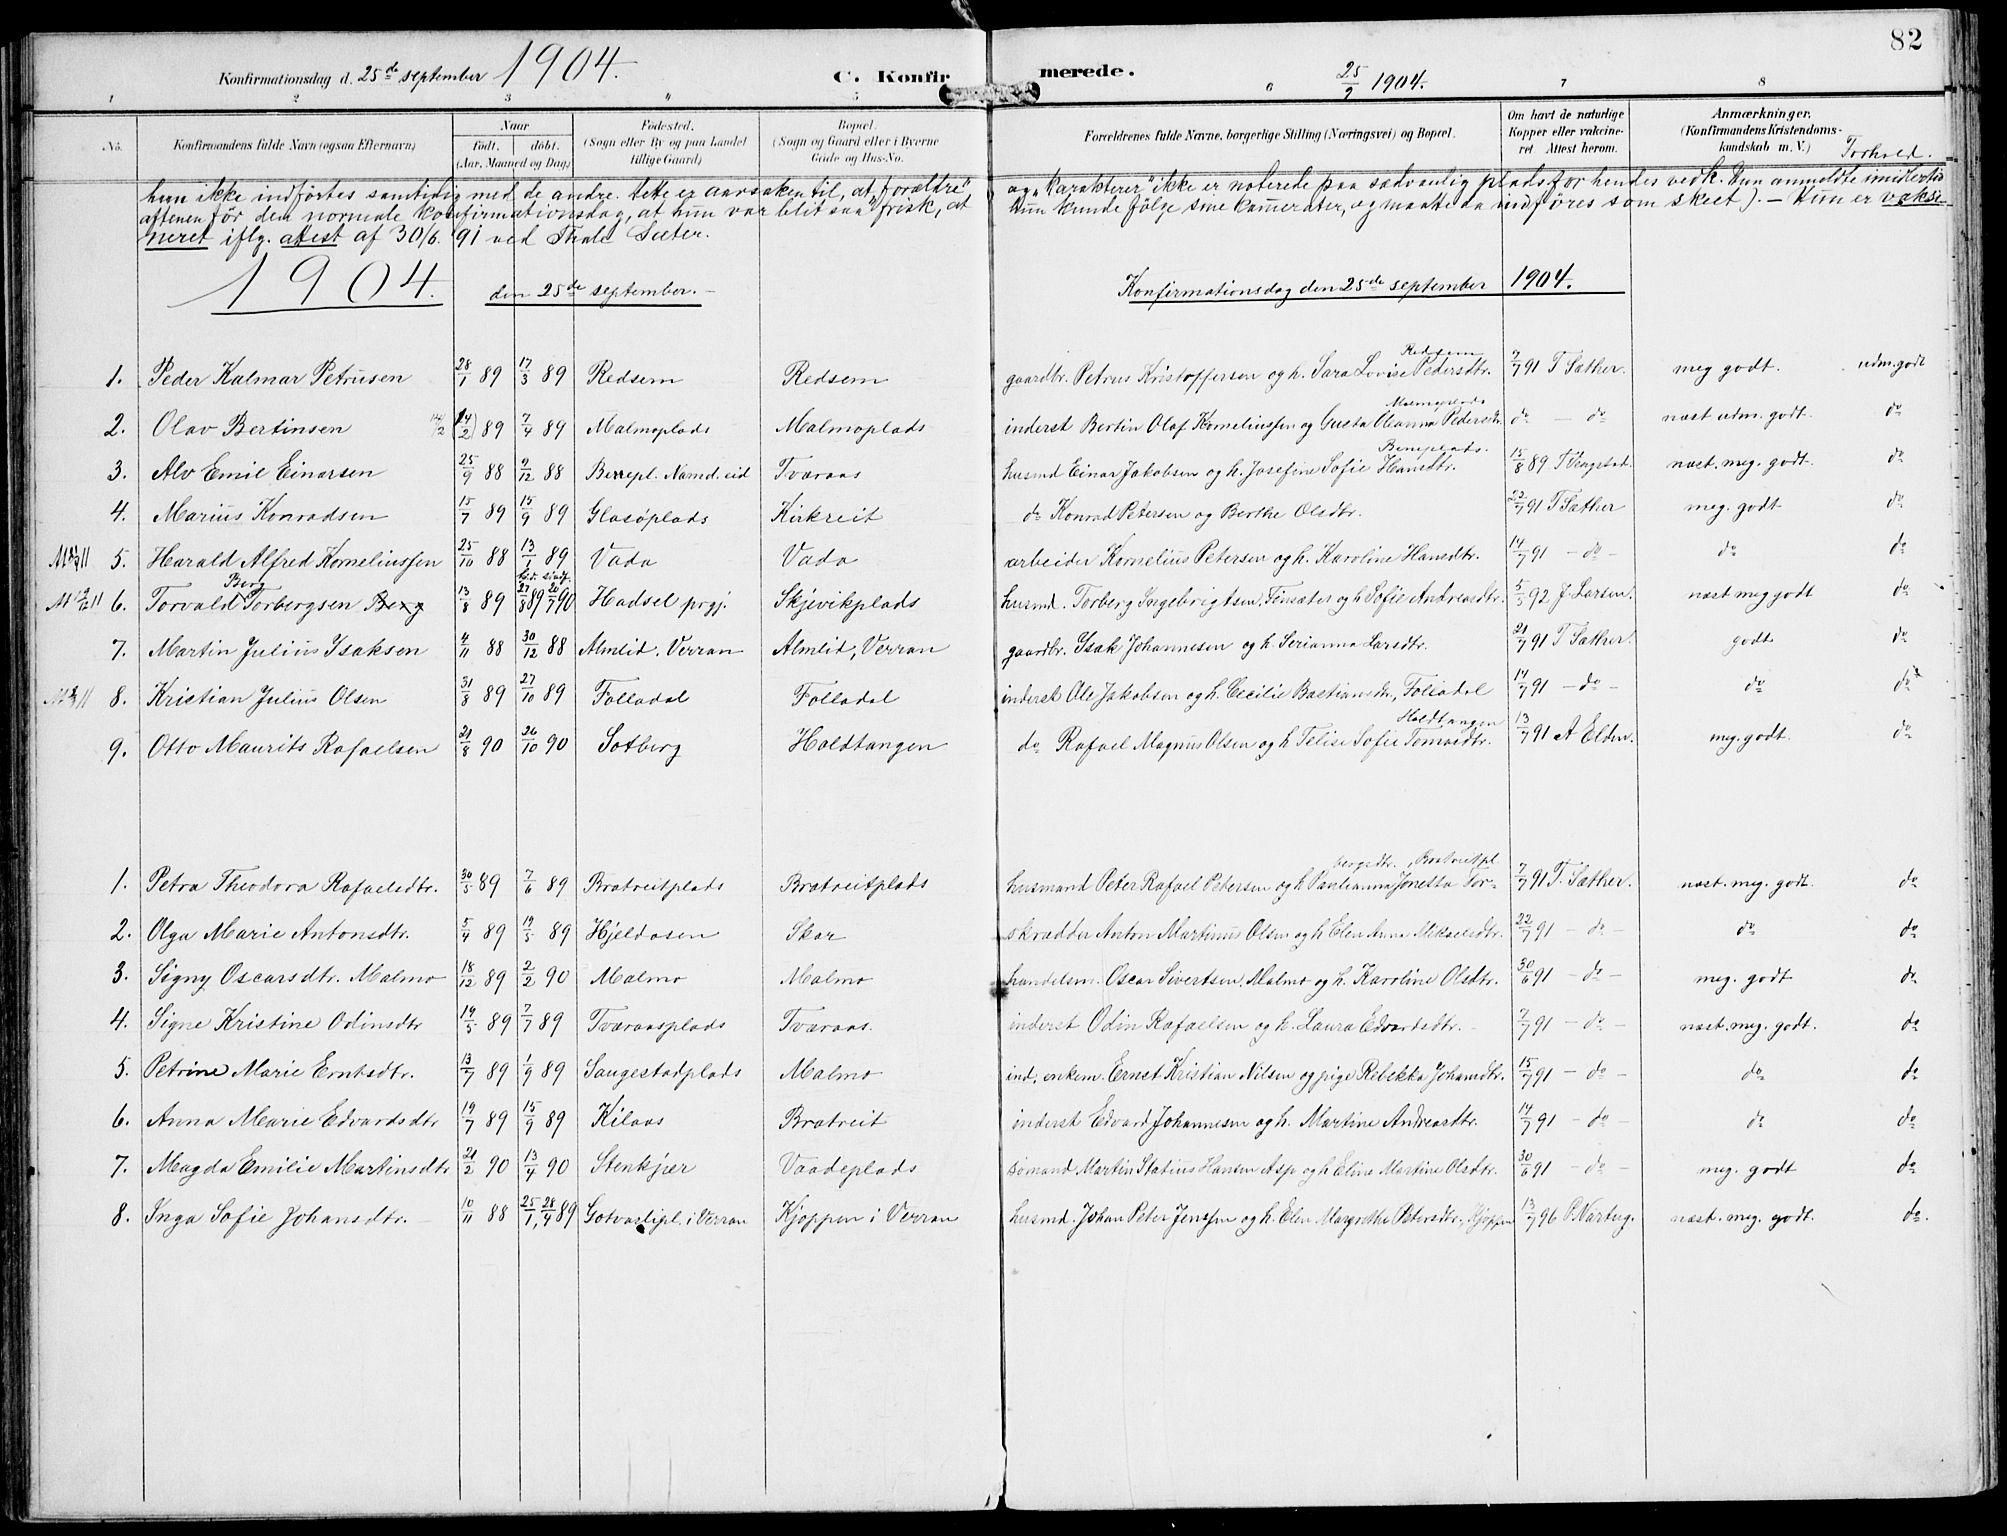 SAT, Ministerialprotokoller, klokkerbøker og fødselsregistre - Nord-Trøndelag, 745/L0430: Ministerialbok nr. 745A02, 1895-1913, s. 82